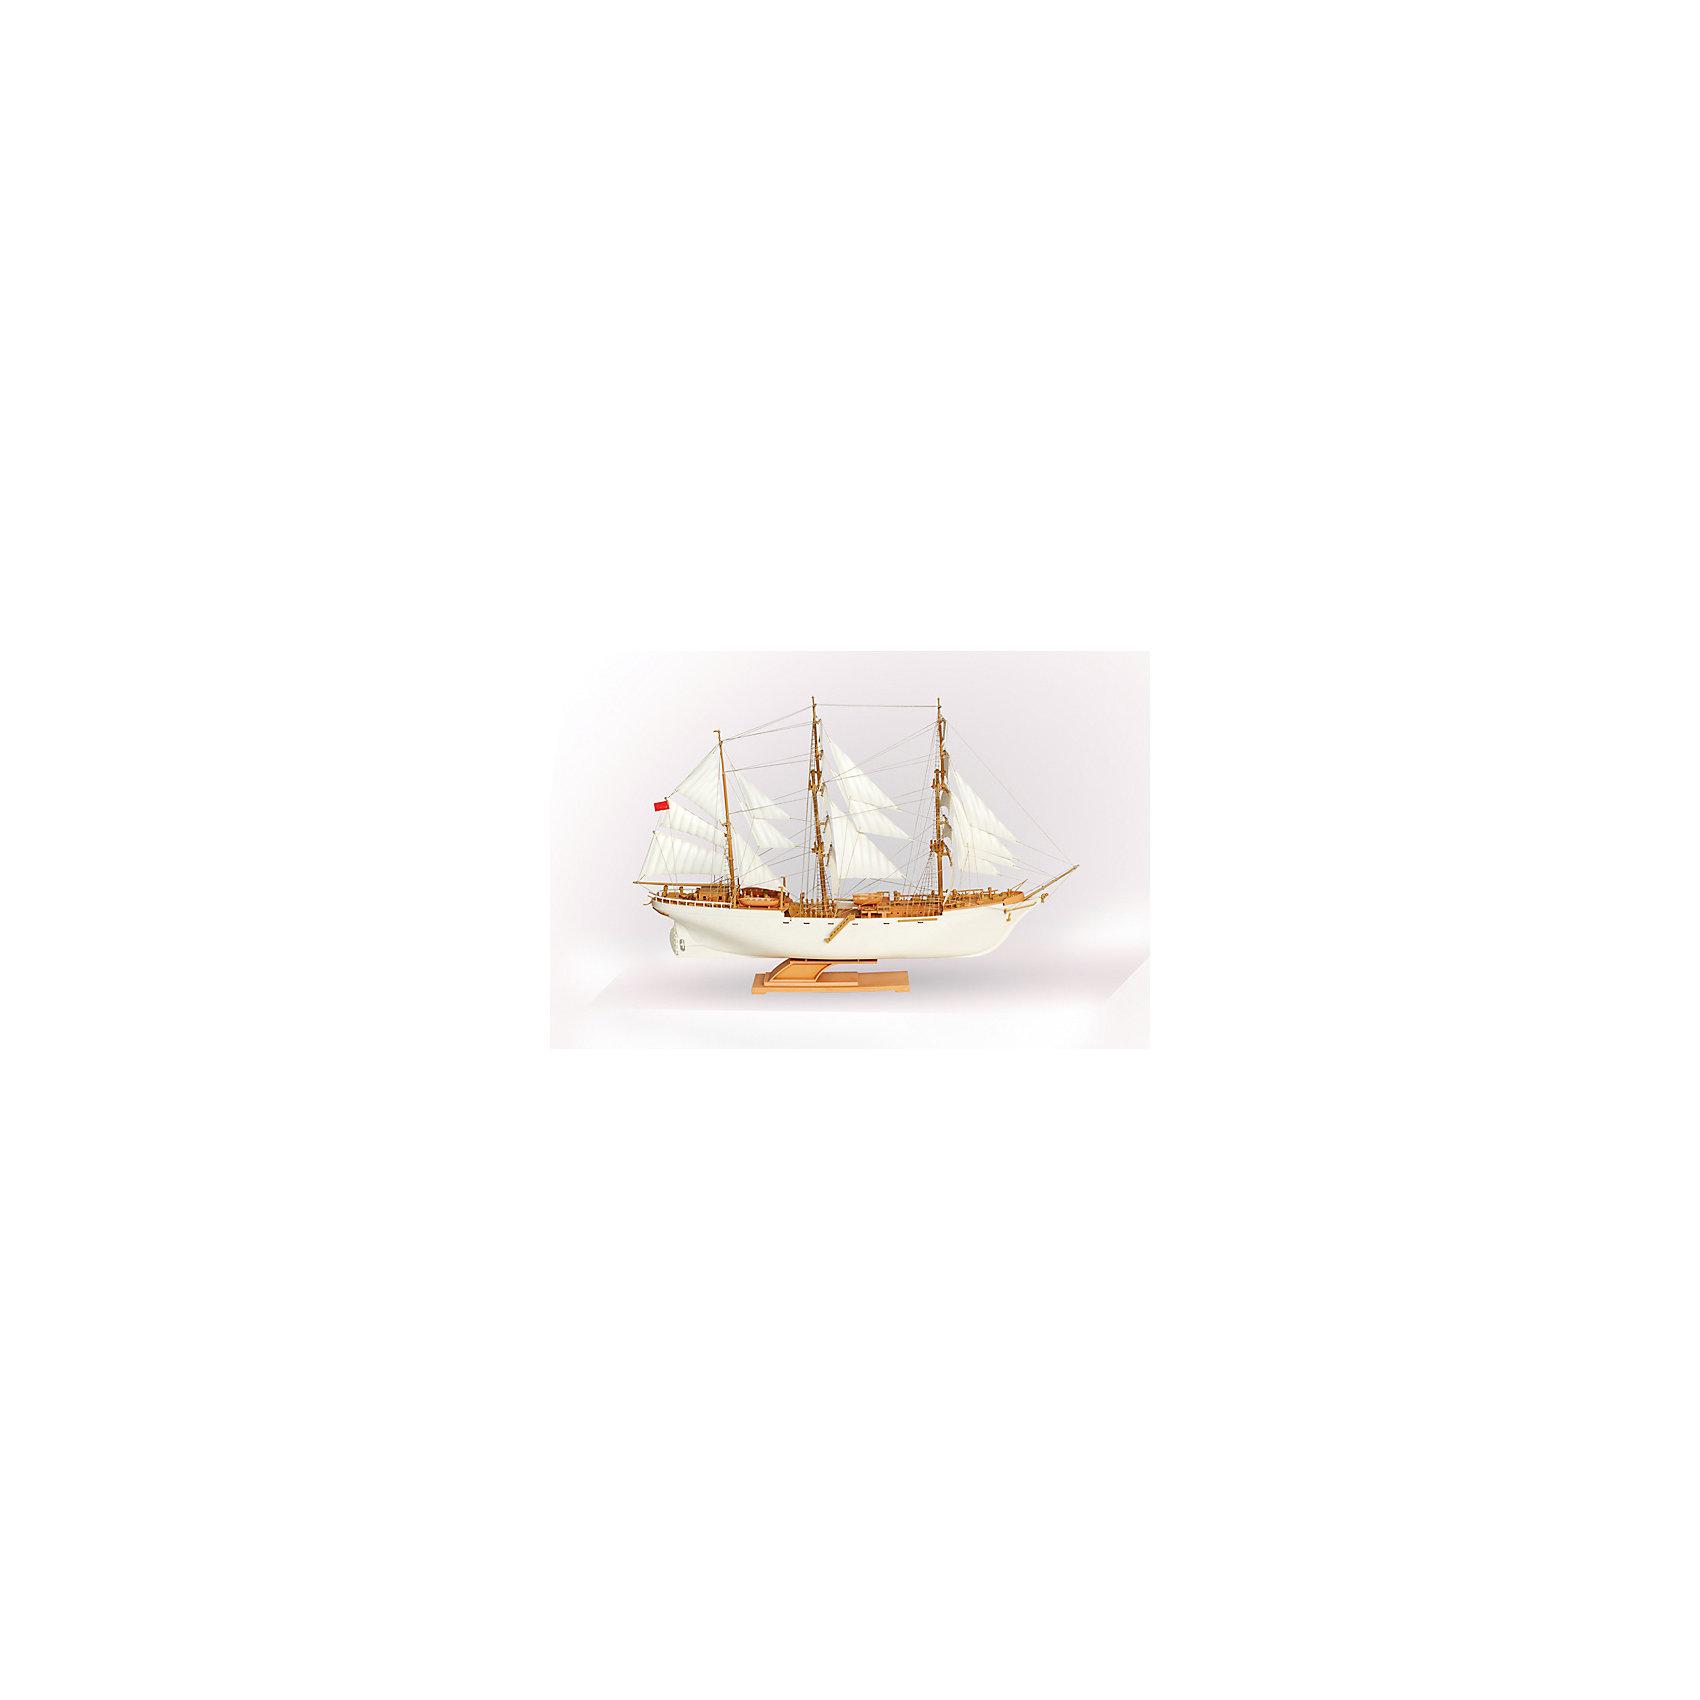 Сборная модель-копия  Учебно-парусное судно ТоварищСудно «Товарищ» был построено в 1933 году в Гамбурге и называлось «Горх-Фок». Трёхмачтовый барк строился в учебных целях по заказу немецкого флота и назван был в честь известного немецкого писателя. <br><br>Дополнительная информация:<br><br>В комплект входят: детали для сборки- 264шт, инструкция для сборки, клей. На коробке - краткая история отечественного флота, показано внешнее устройство корабля, даны названия для всех мачт. <br>Длина готовой модели: 44см. Игрушка для детей, имеющих опыт моделирования.<br><br>Сборную модель-копию  Учебно-парусное судно Товарищ можно купить в нашем магазине.<br><br>Ширина мм: 515<br>Глубина мм: 335<br>Высота мм: 135<br>Вес г: 670<br>Возраст от месяцев: 84<br>Возраст до месяцев: 168<br>Пол: Мужской<br>Возраст: Детский<br>SKU: 4591159